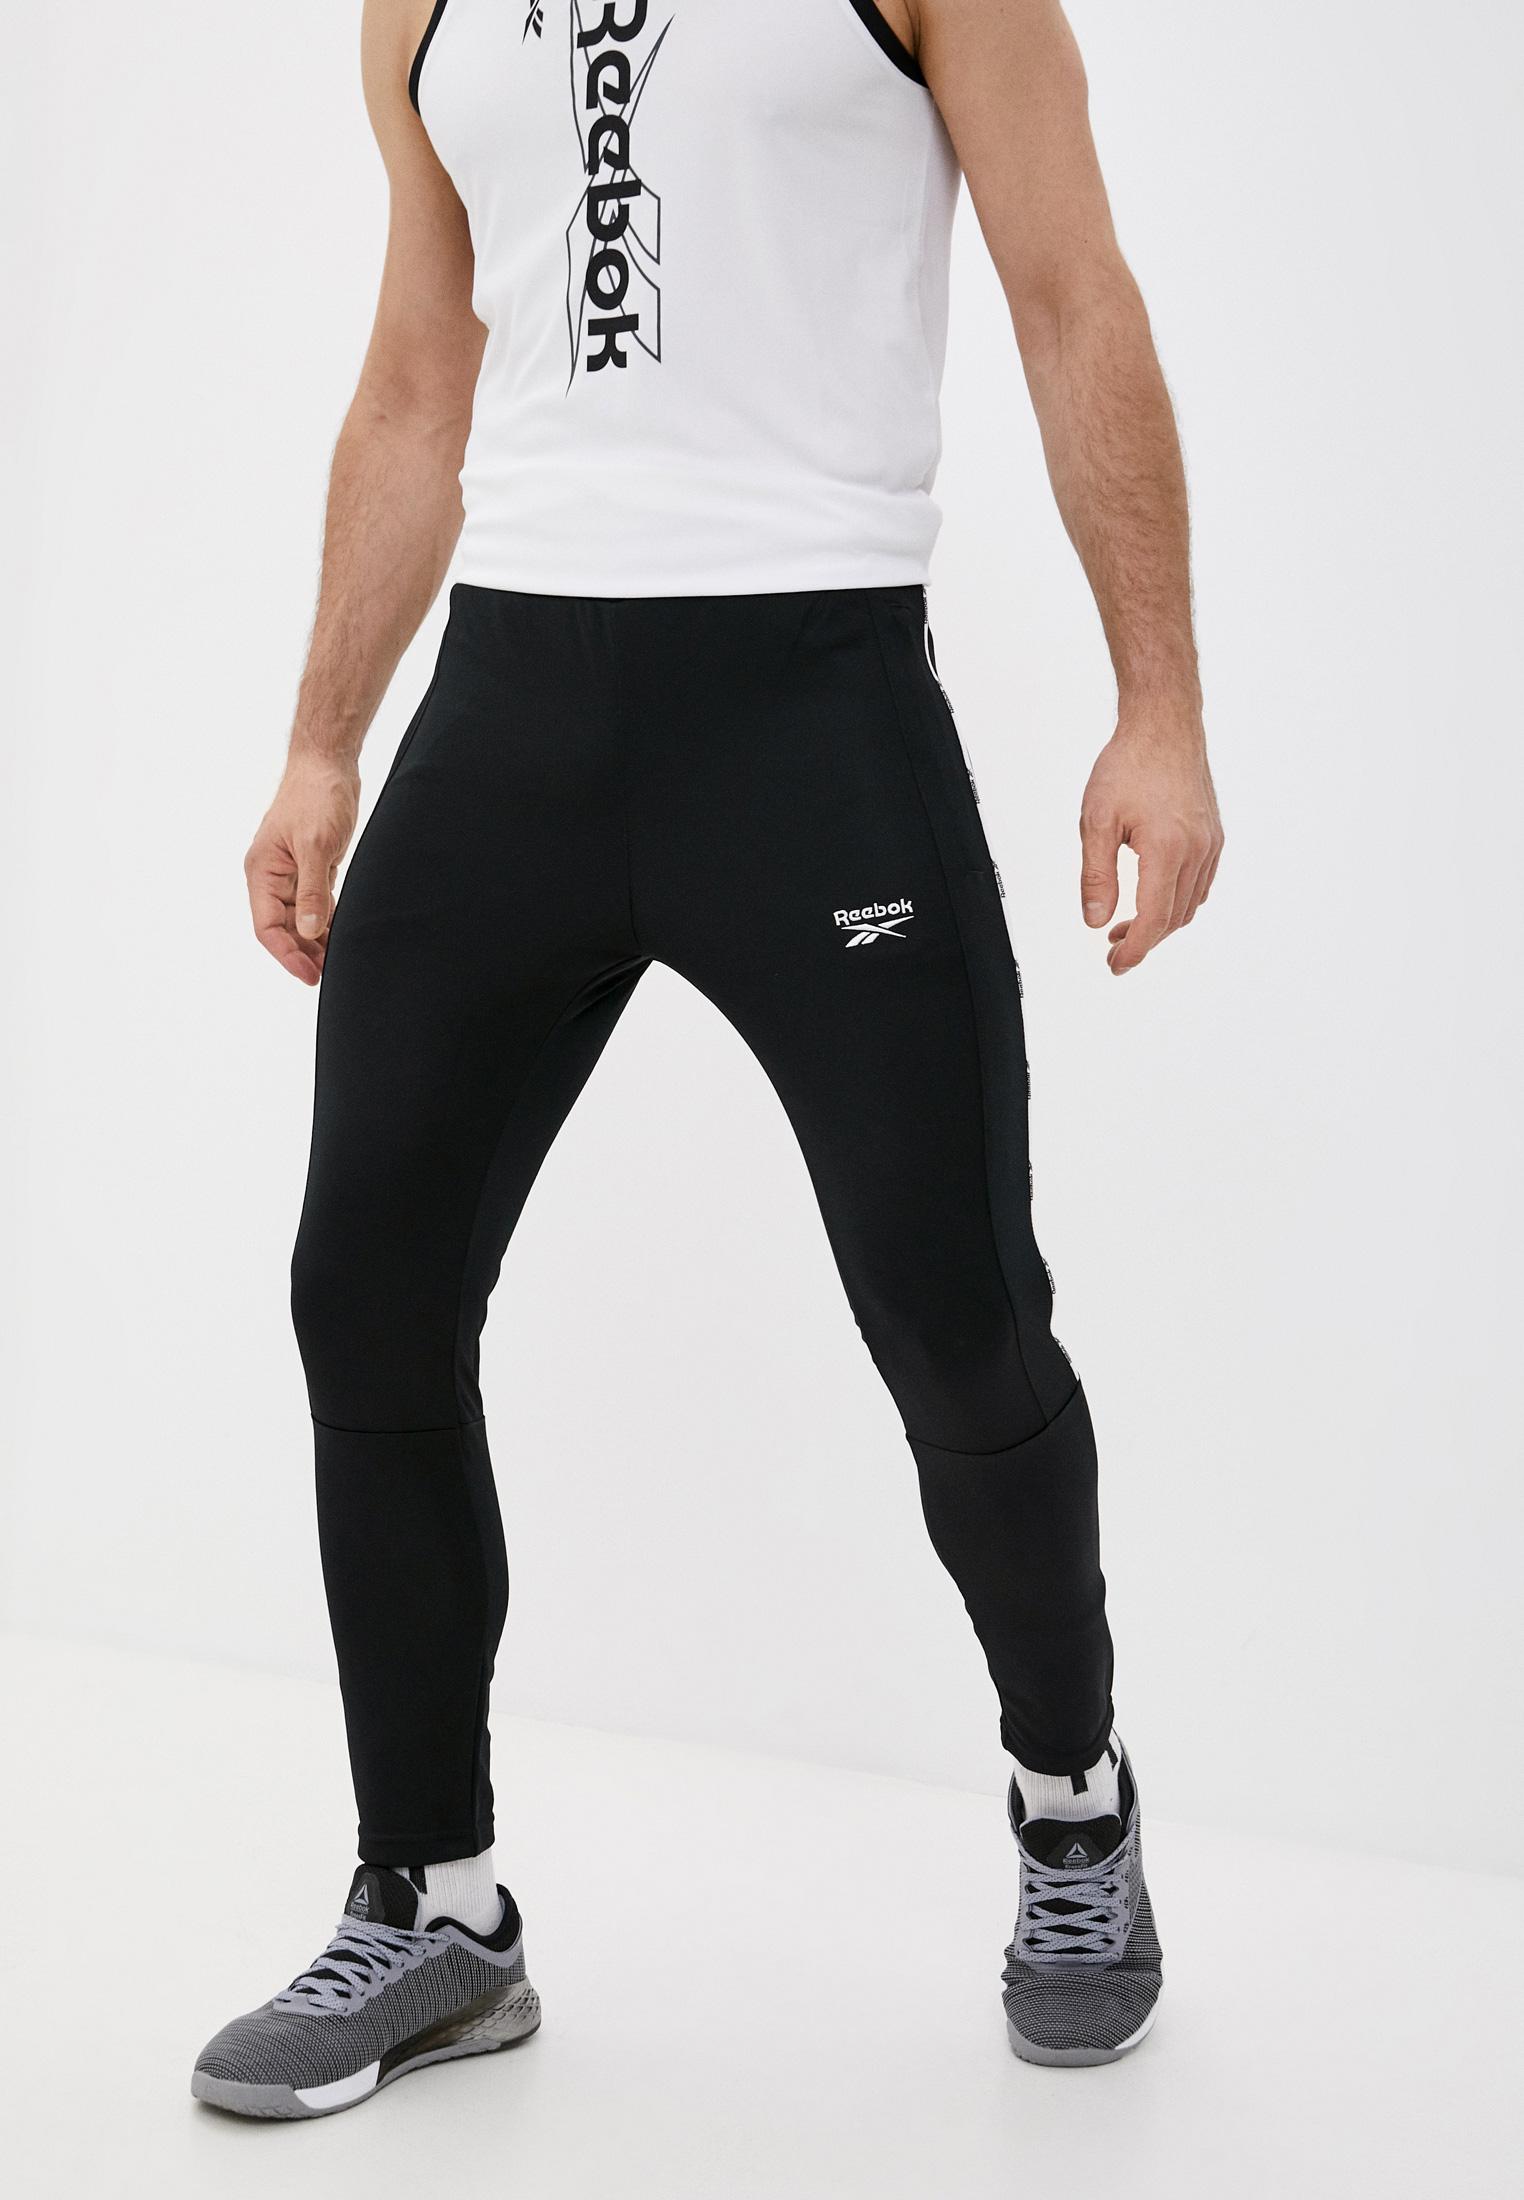 Мужские спортивные брюки Reebok Classic GJ6125